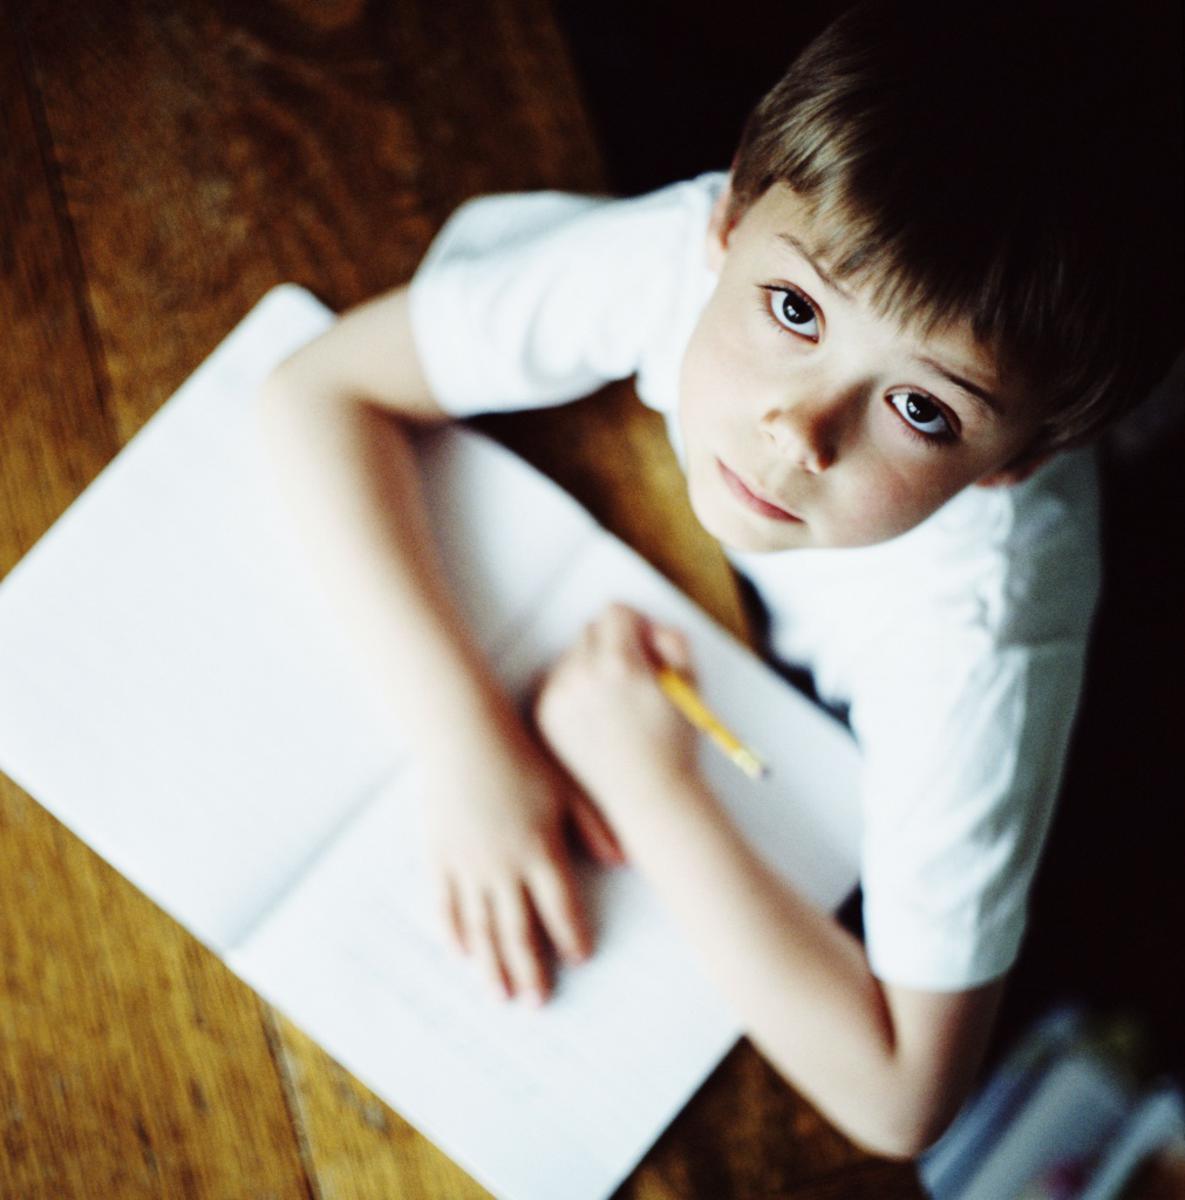 Как сделать так чтоб ребенок учился хорошо